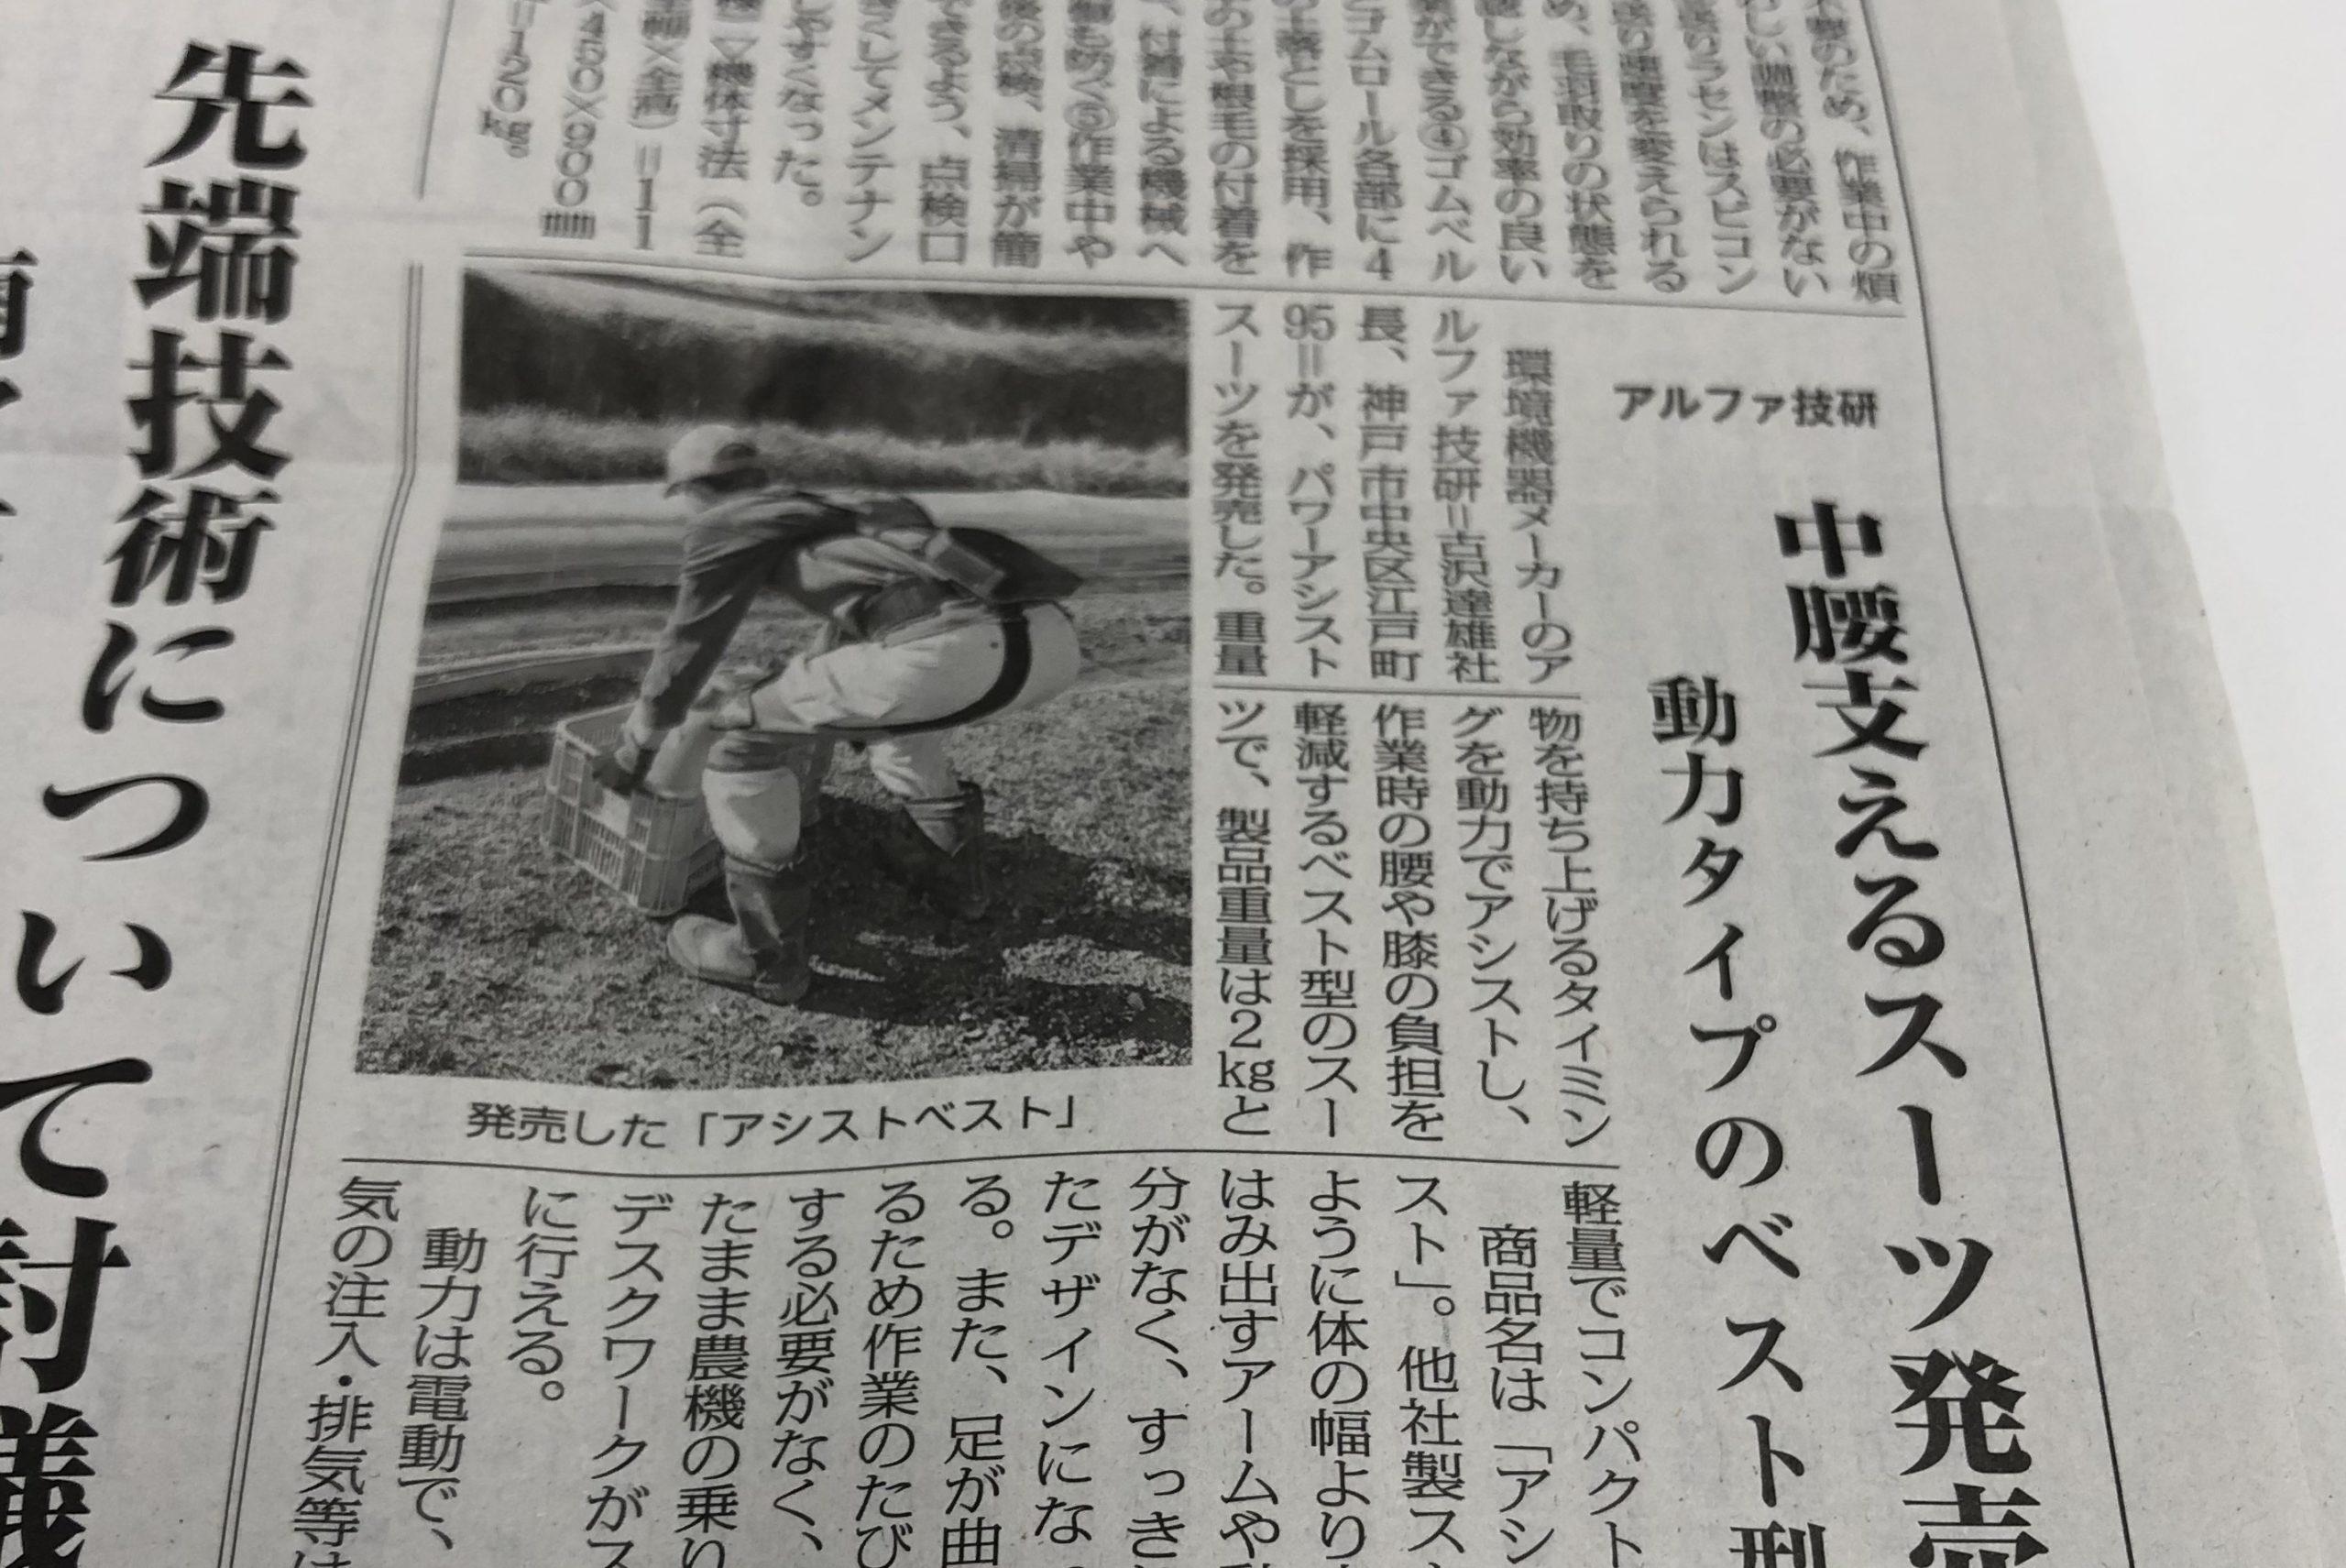 メディア紹介|農村ニュース|アシストベスト